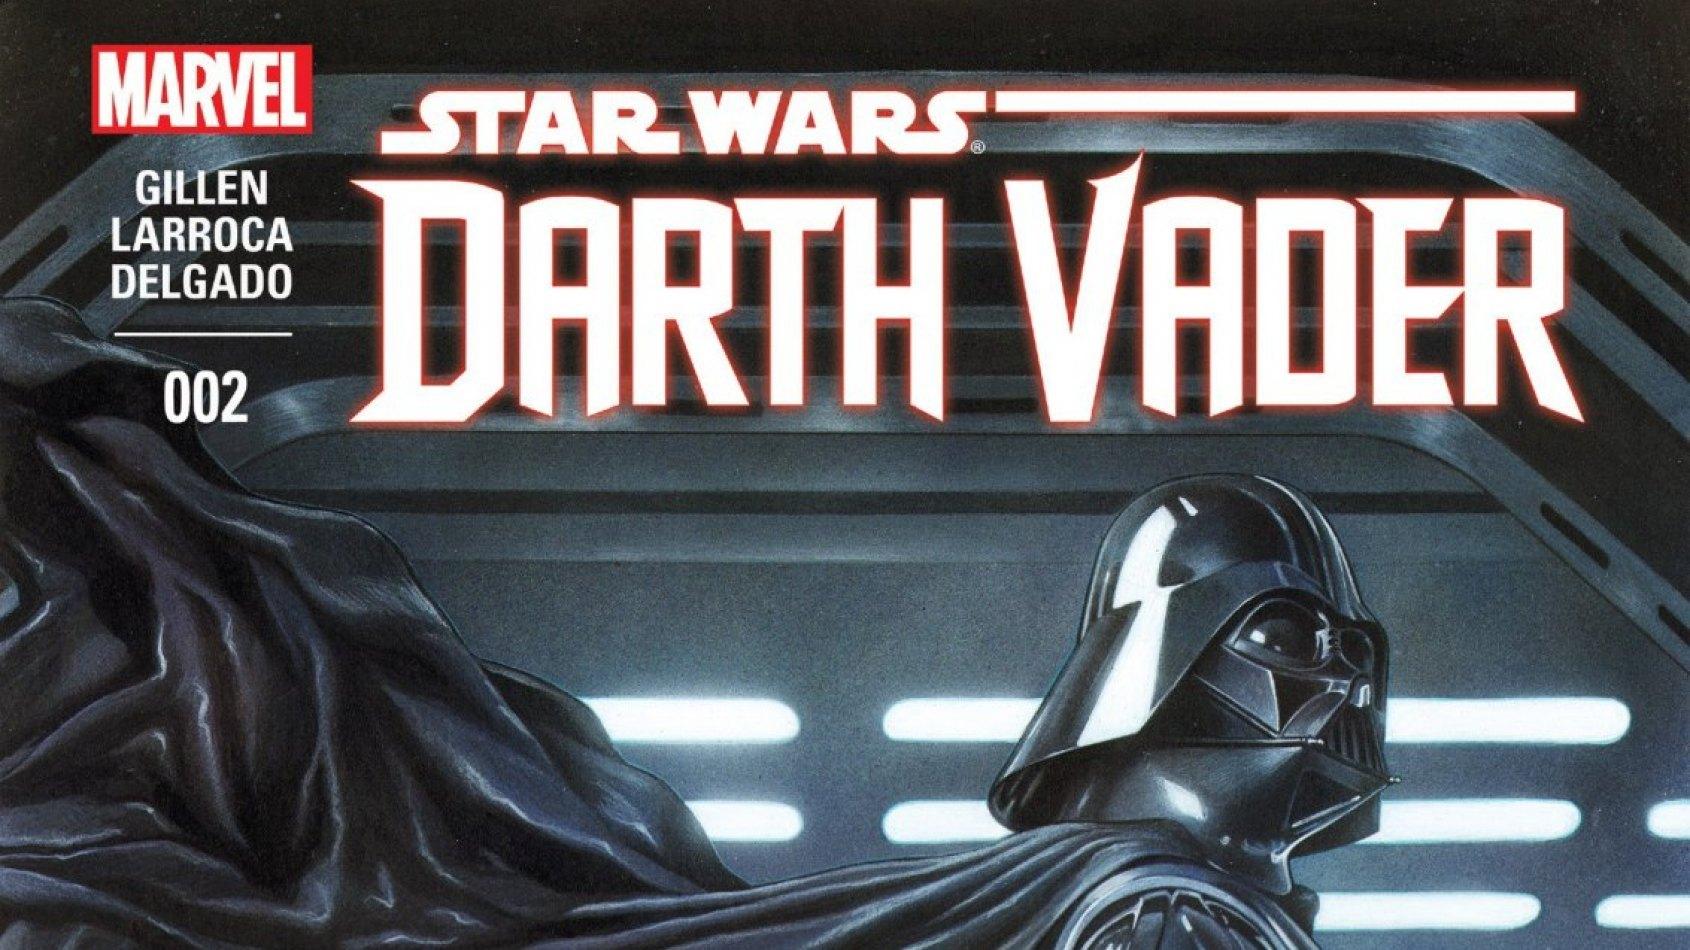 Marvel met fin à la série Darth Vader